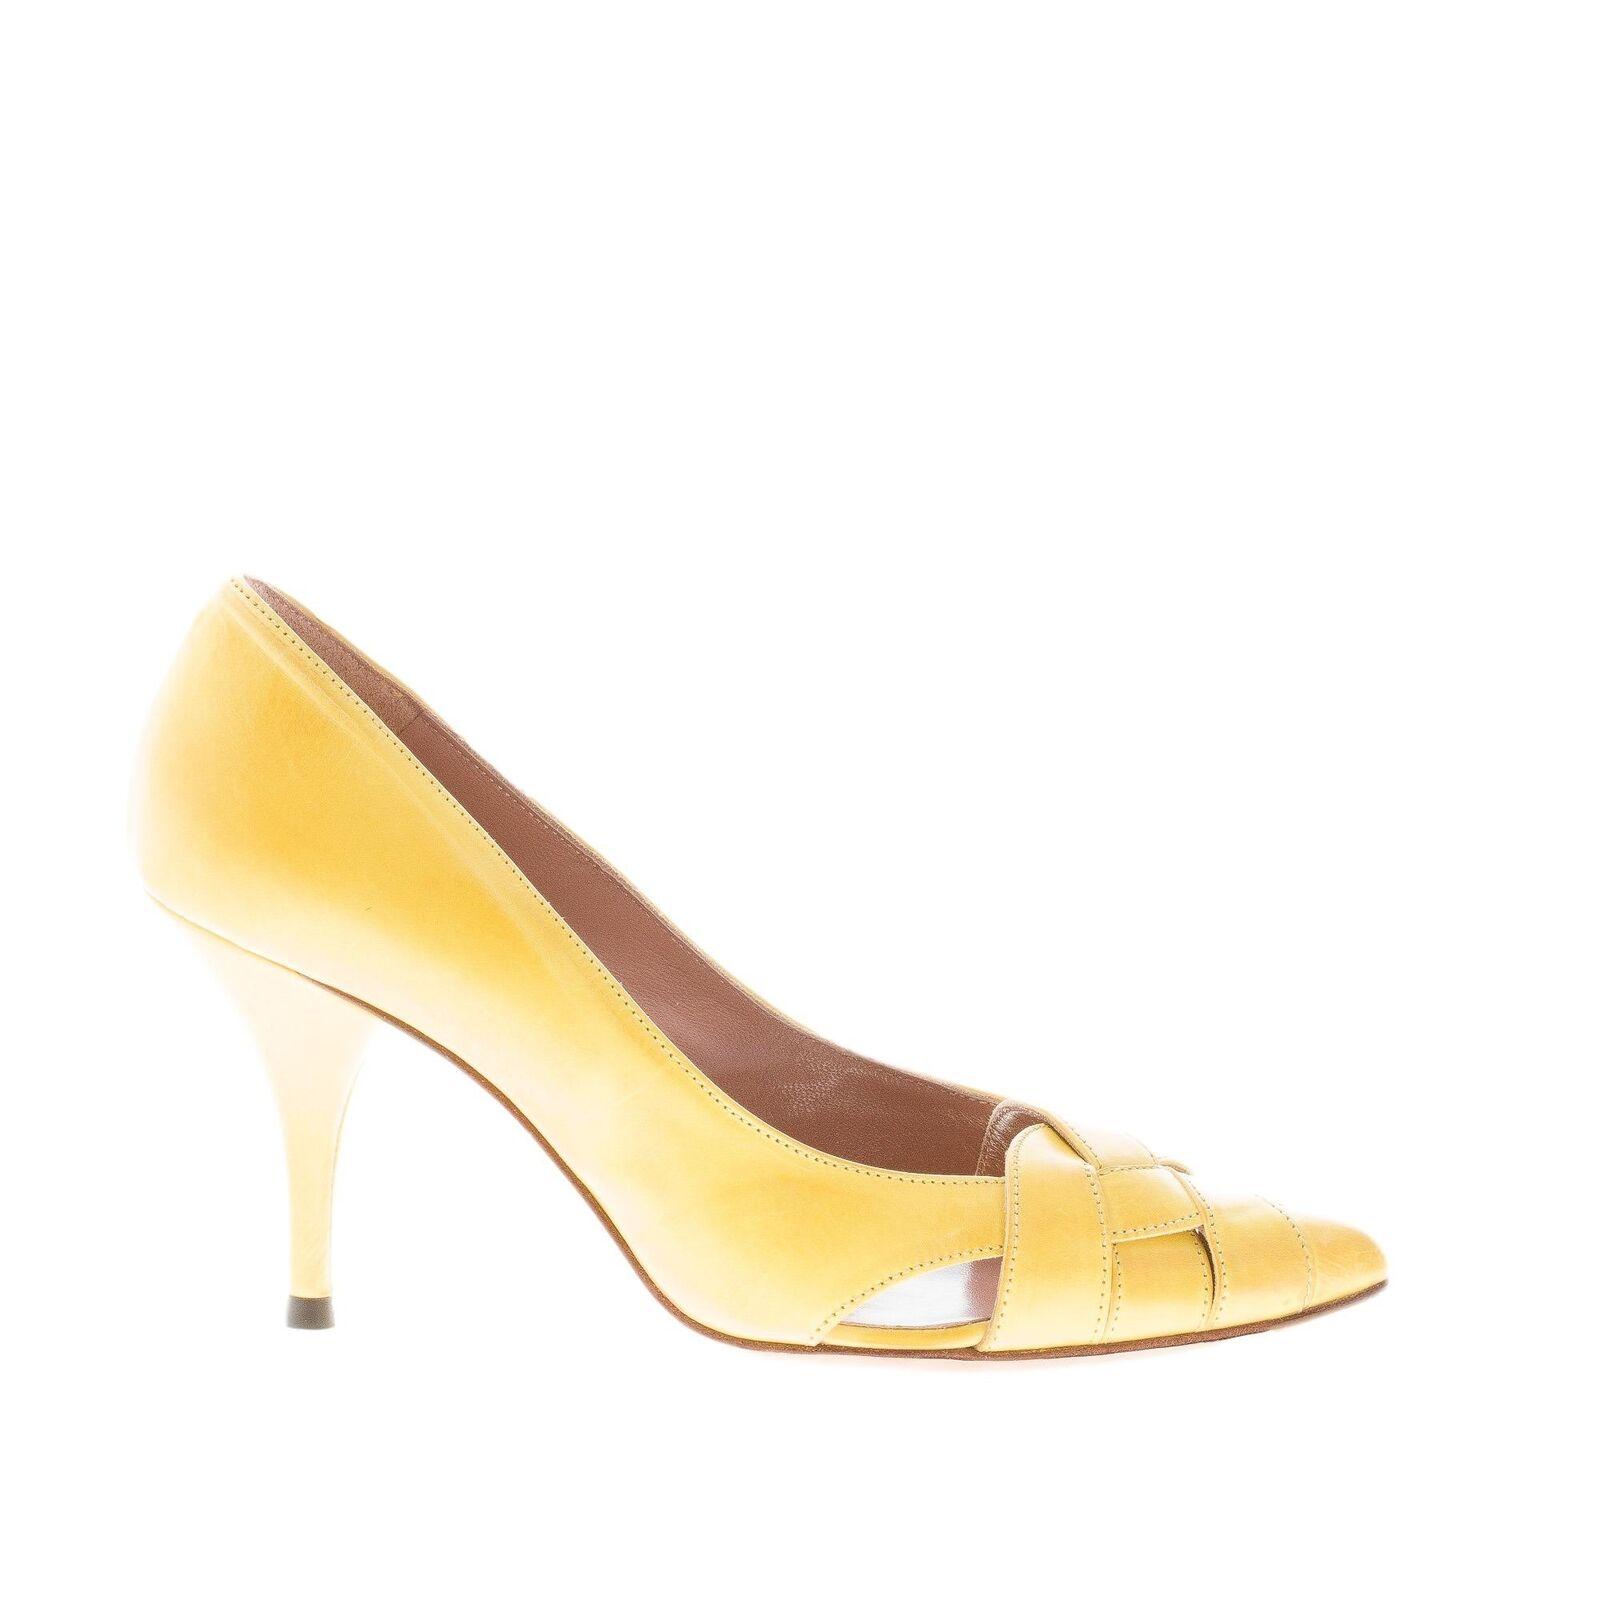 Zapatos Zapatos Zapatos de mujer autre eligió amarillo de cuero correas entrecruzadas de bomba con en el punto  Mercancía de alta calidad y servicio conveniente y honesto.